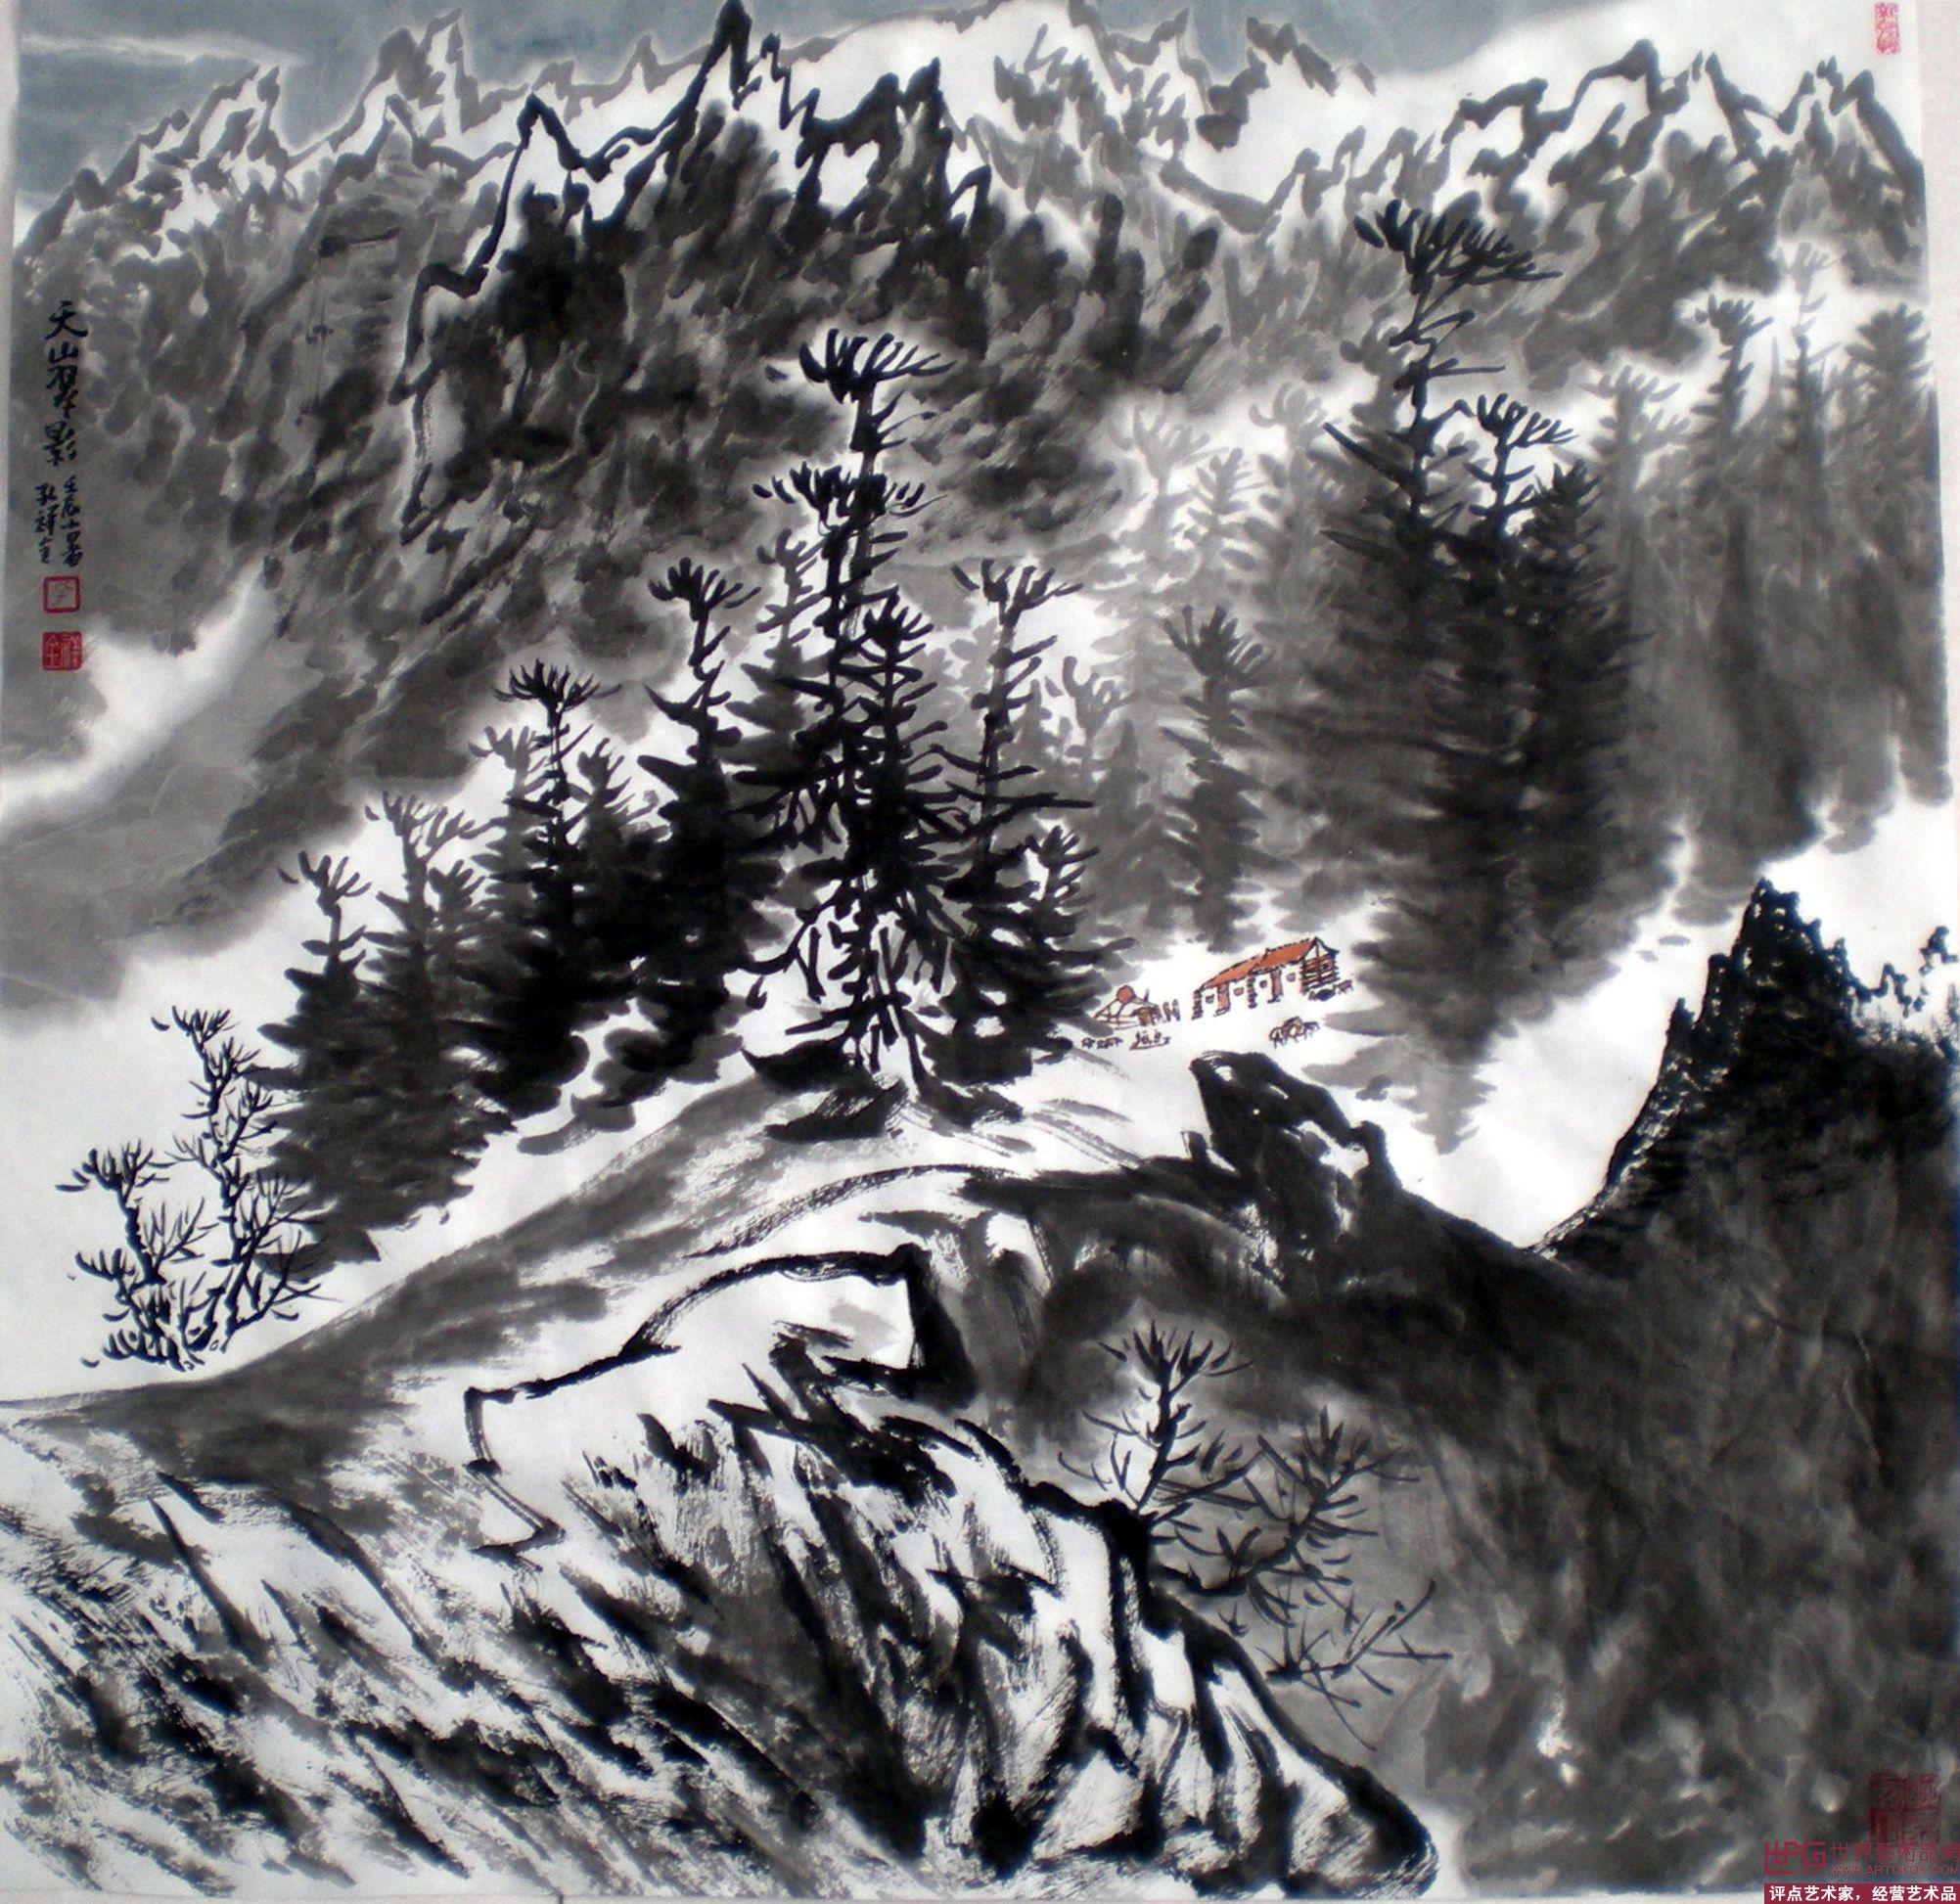 名家 孔祥全 国画 - 大美,新疆 当前 位粉丝喜爱本幅作品